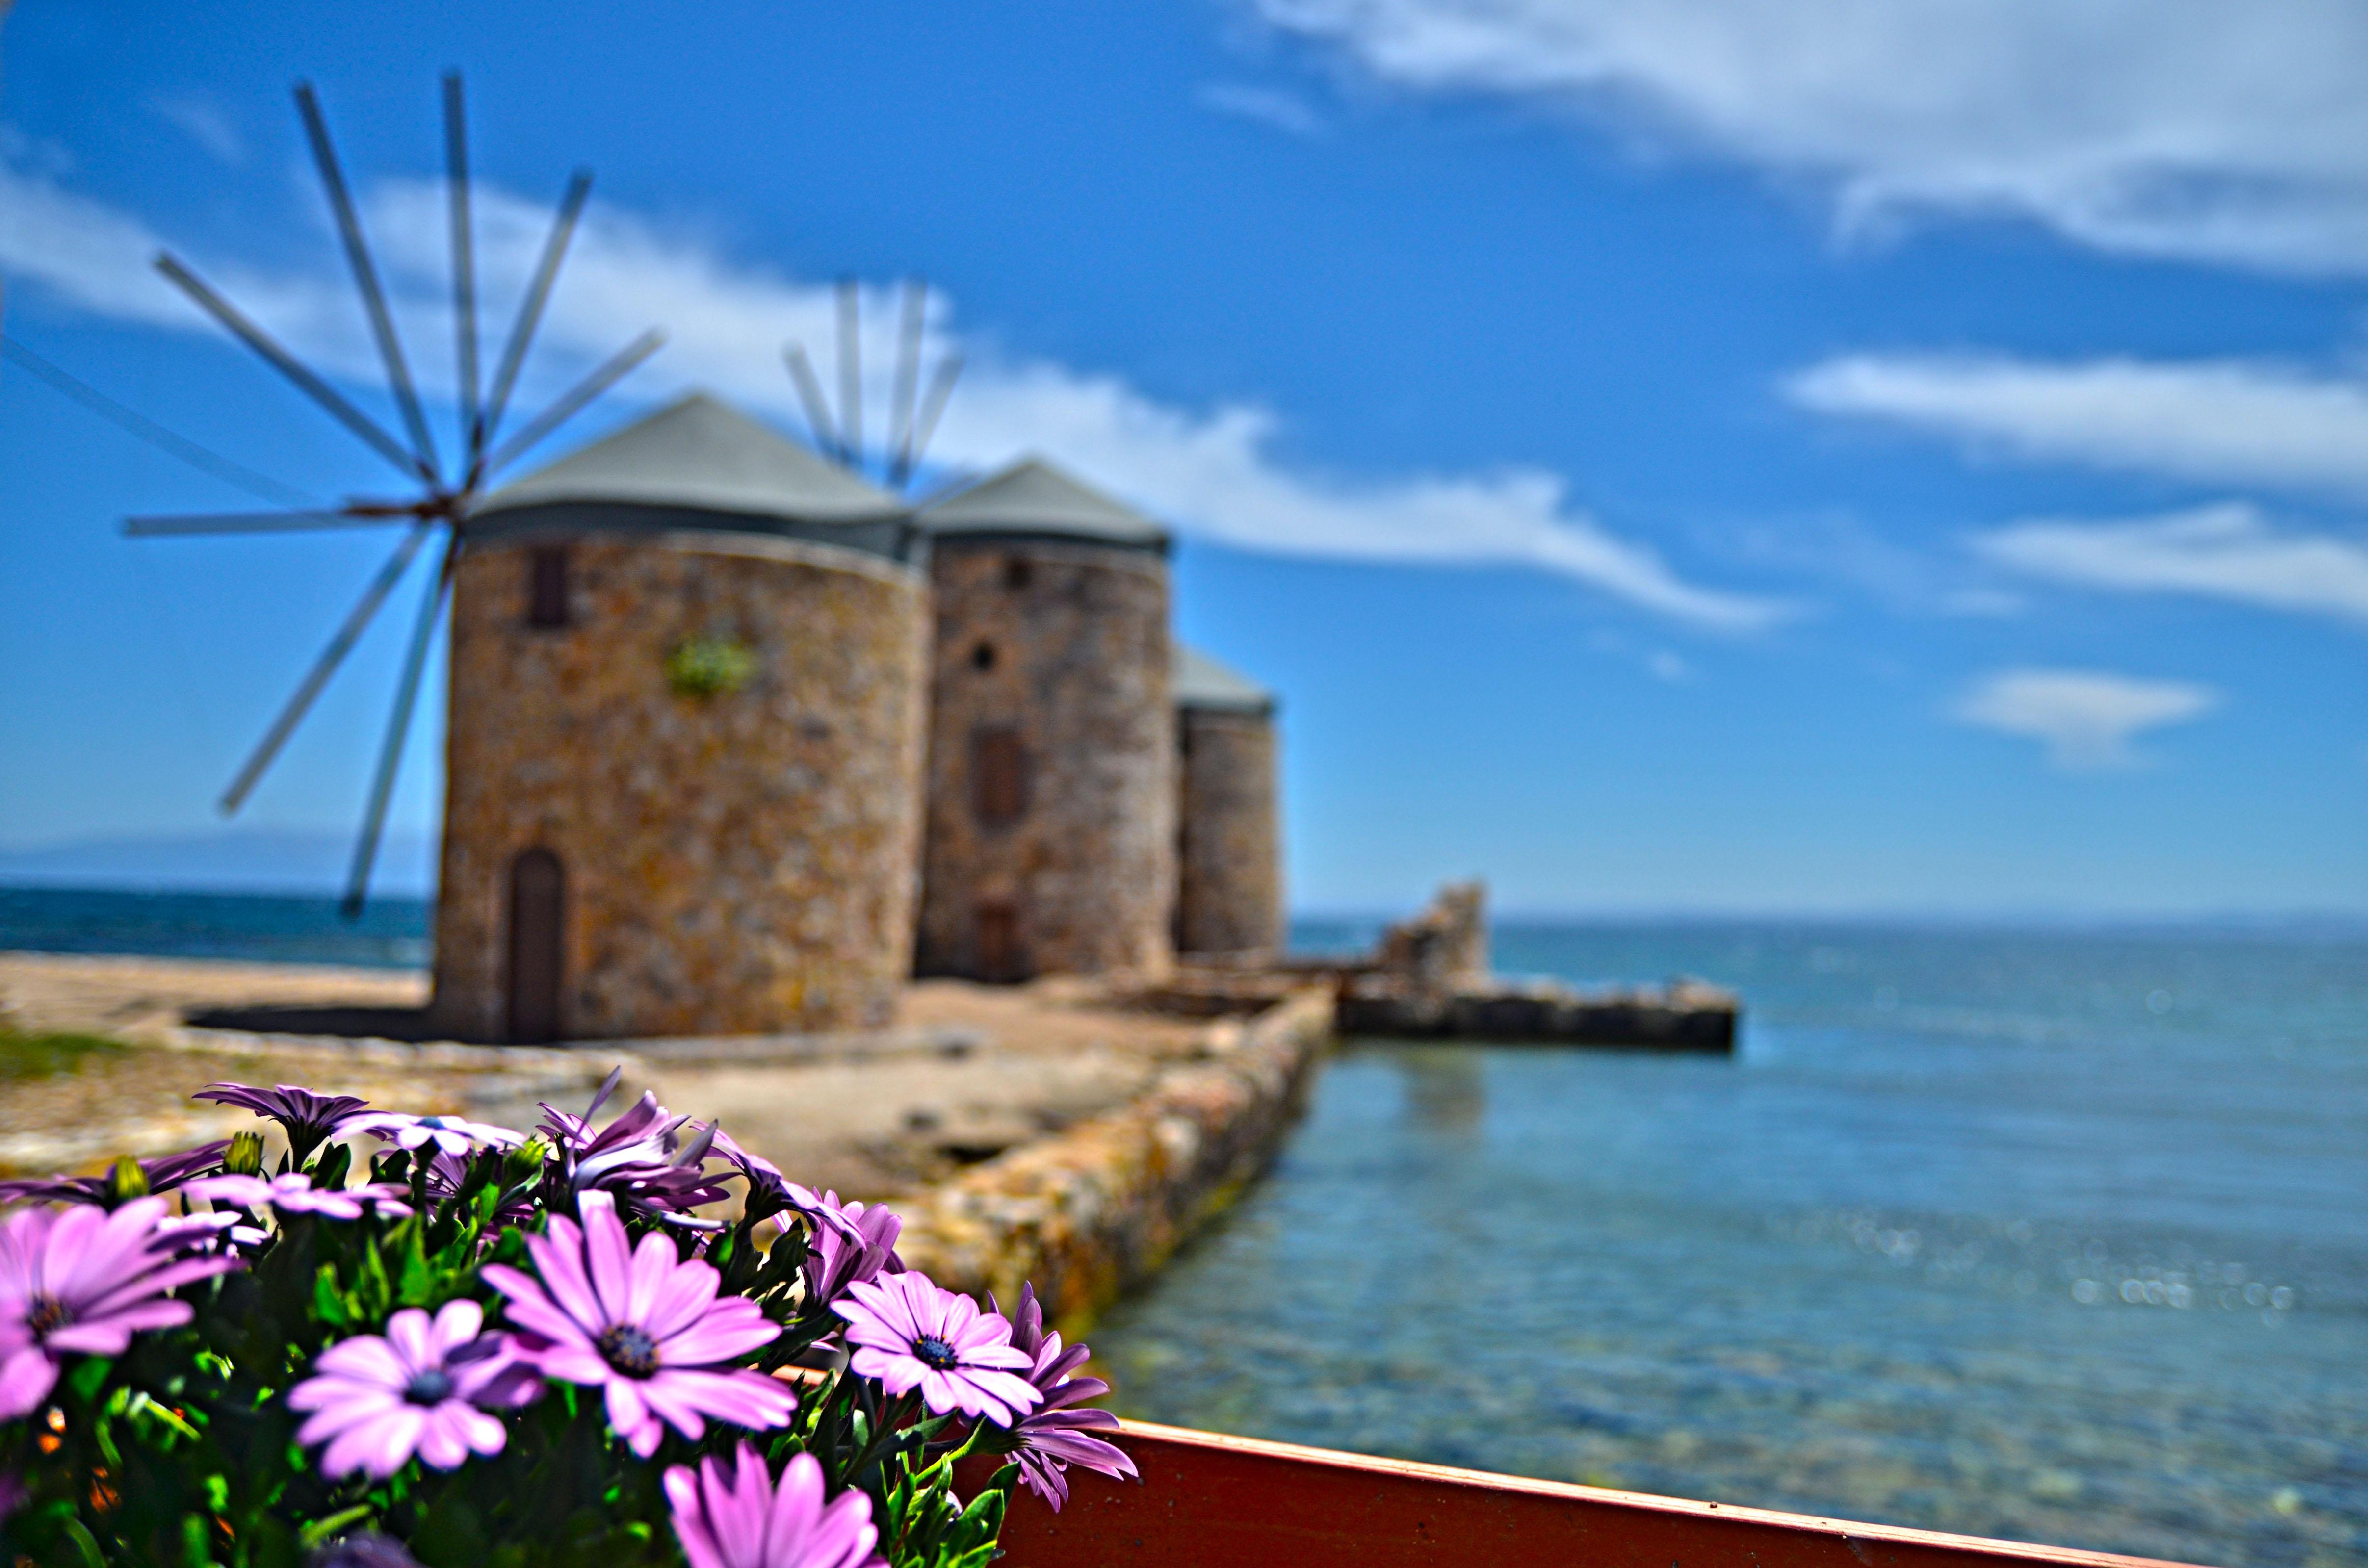 Eylül ayında dinlenmek için nerede Geziler veya deniz